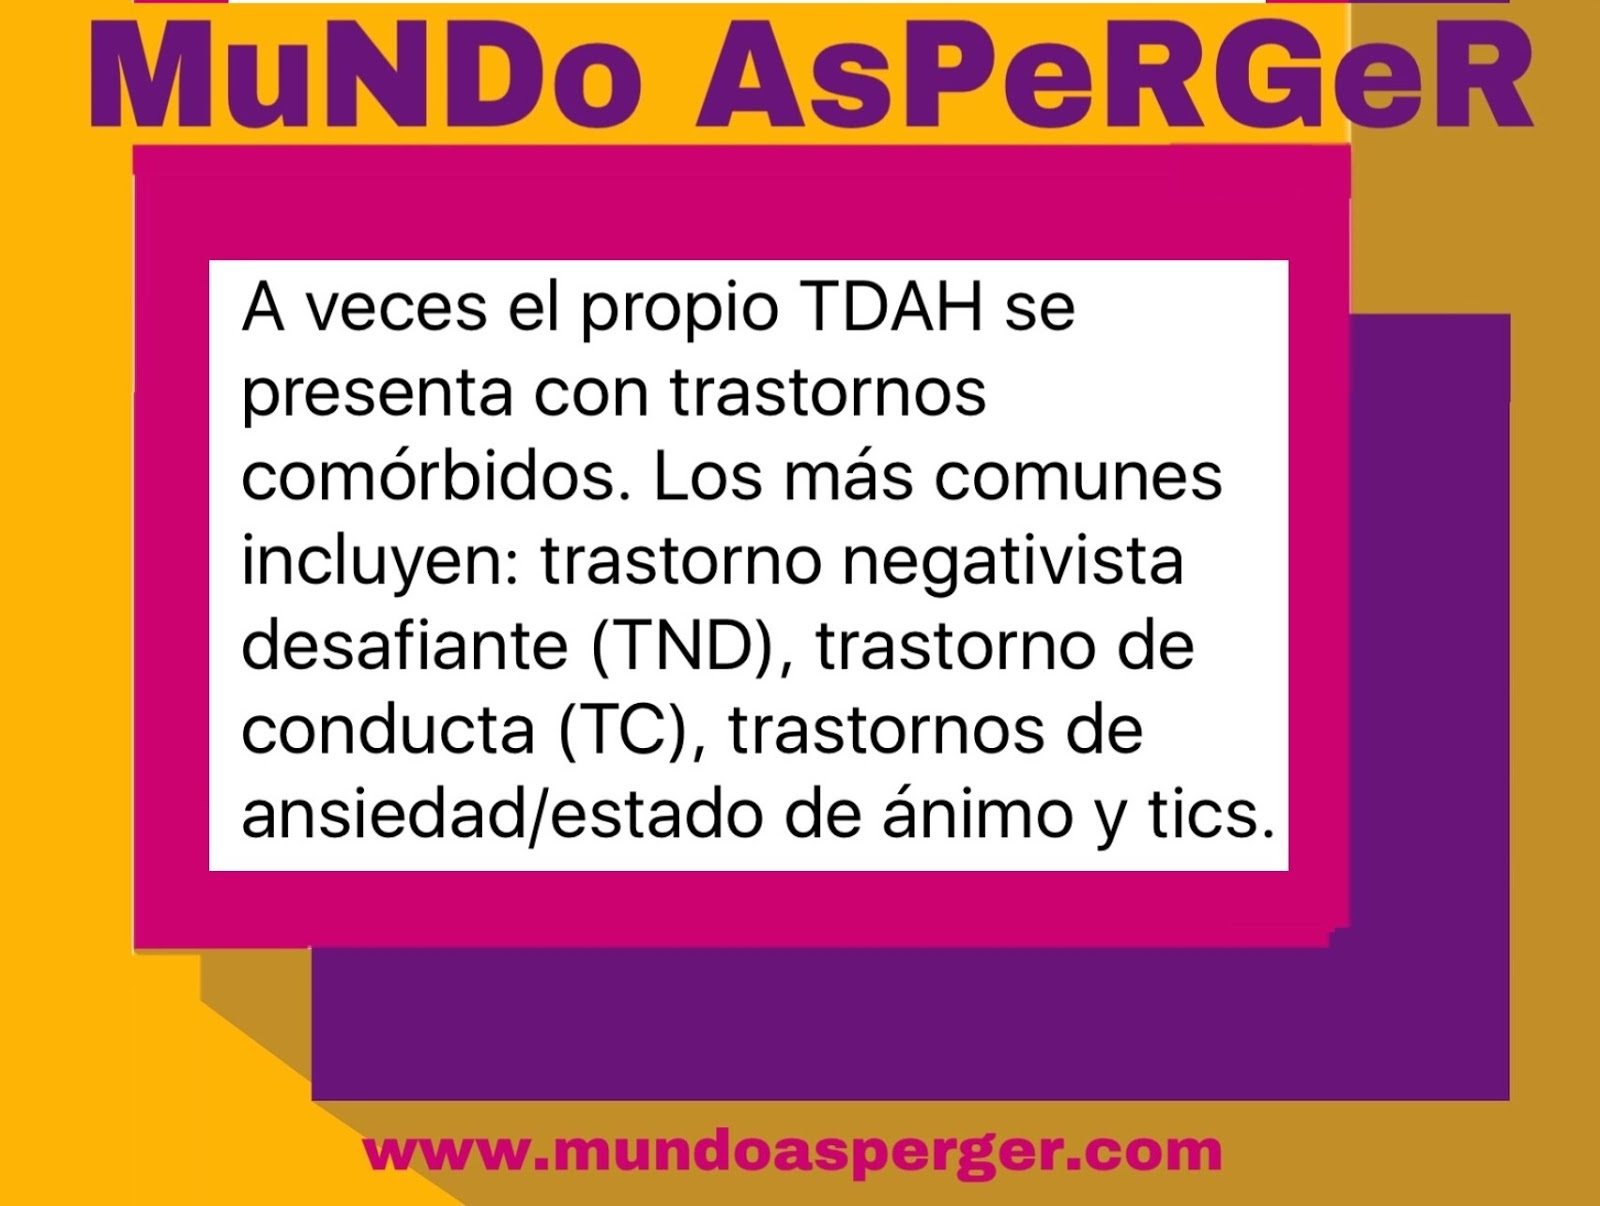 MuNDo AsPeRGeR: Diferencias y similitudes entre TDAH y Asperger.